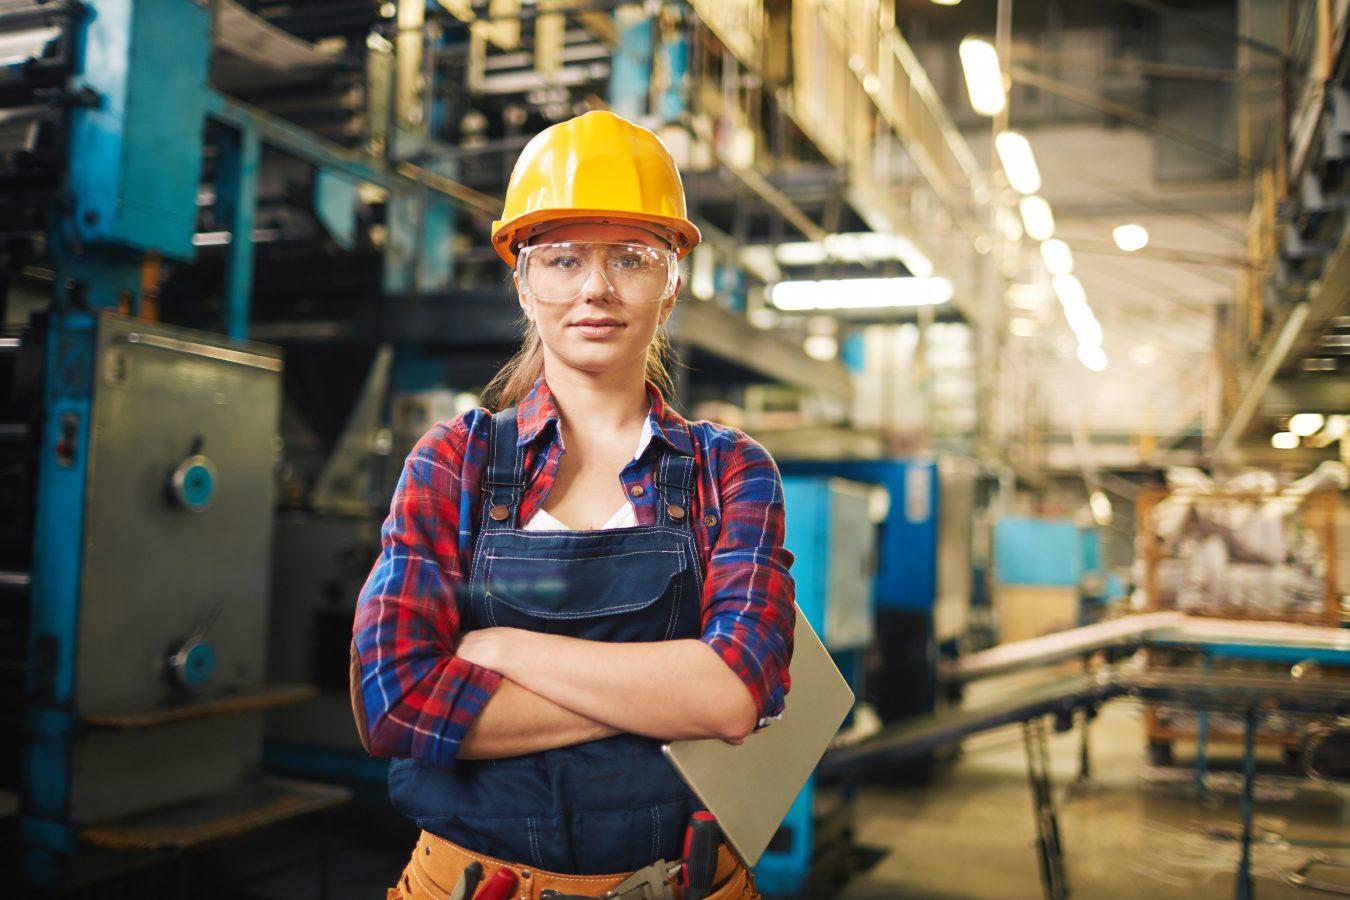 Portrett av ung kvinne i vernebriller i en fabrikk. Foto: Istock